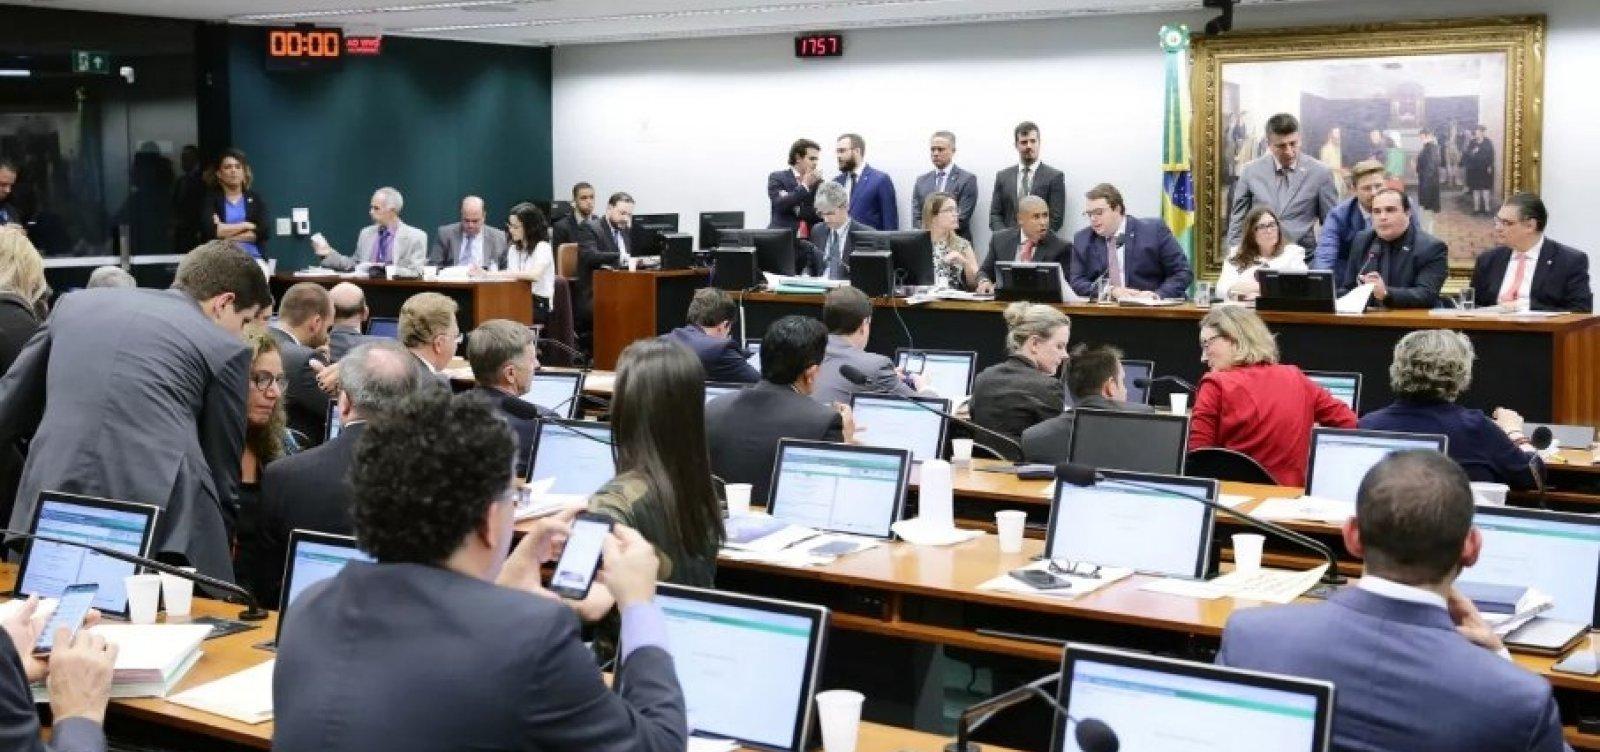 CCJ da Câmara dá aval à reforma da Previdência após quase 9h de sessão